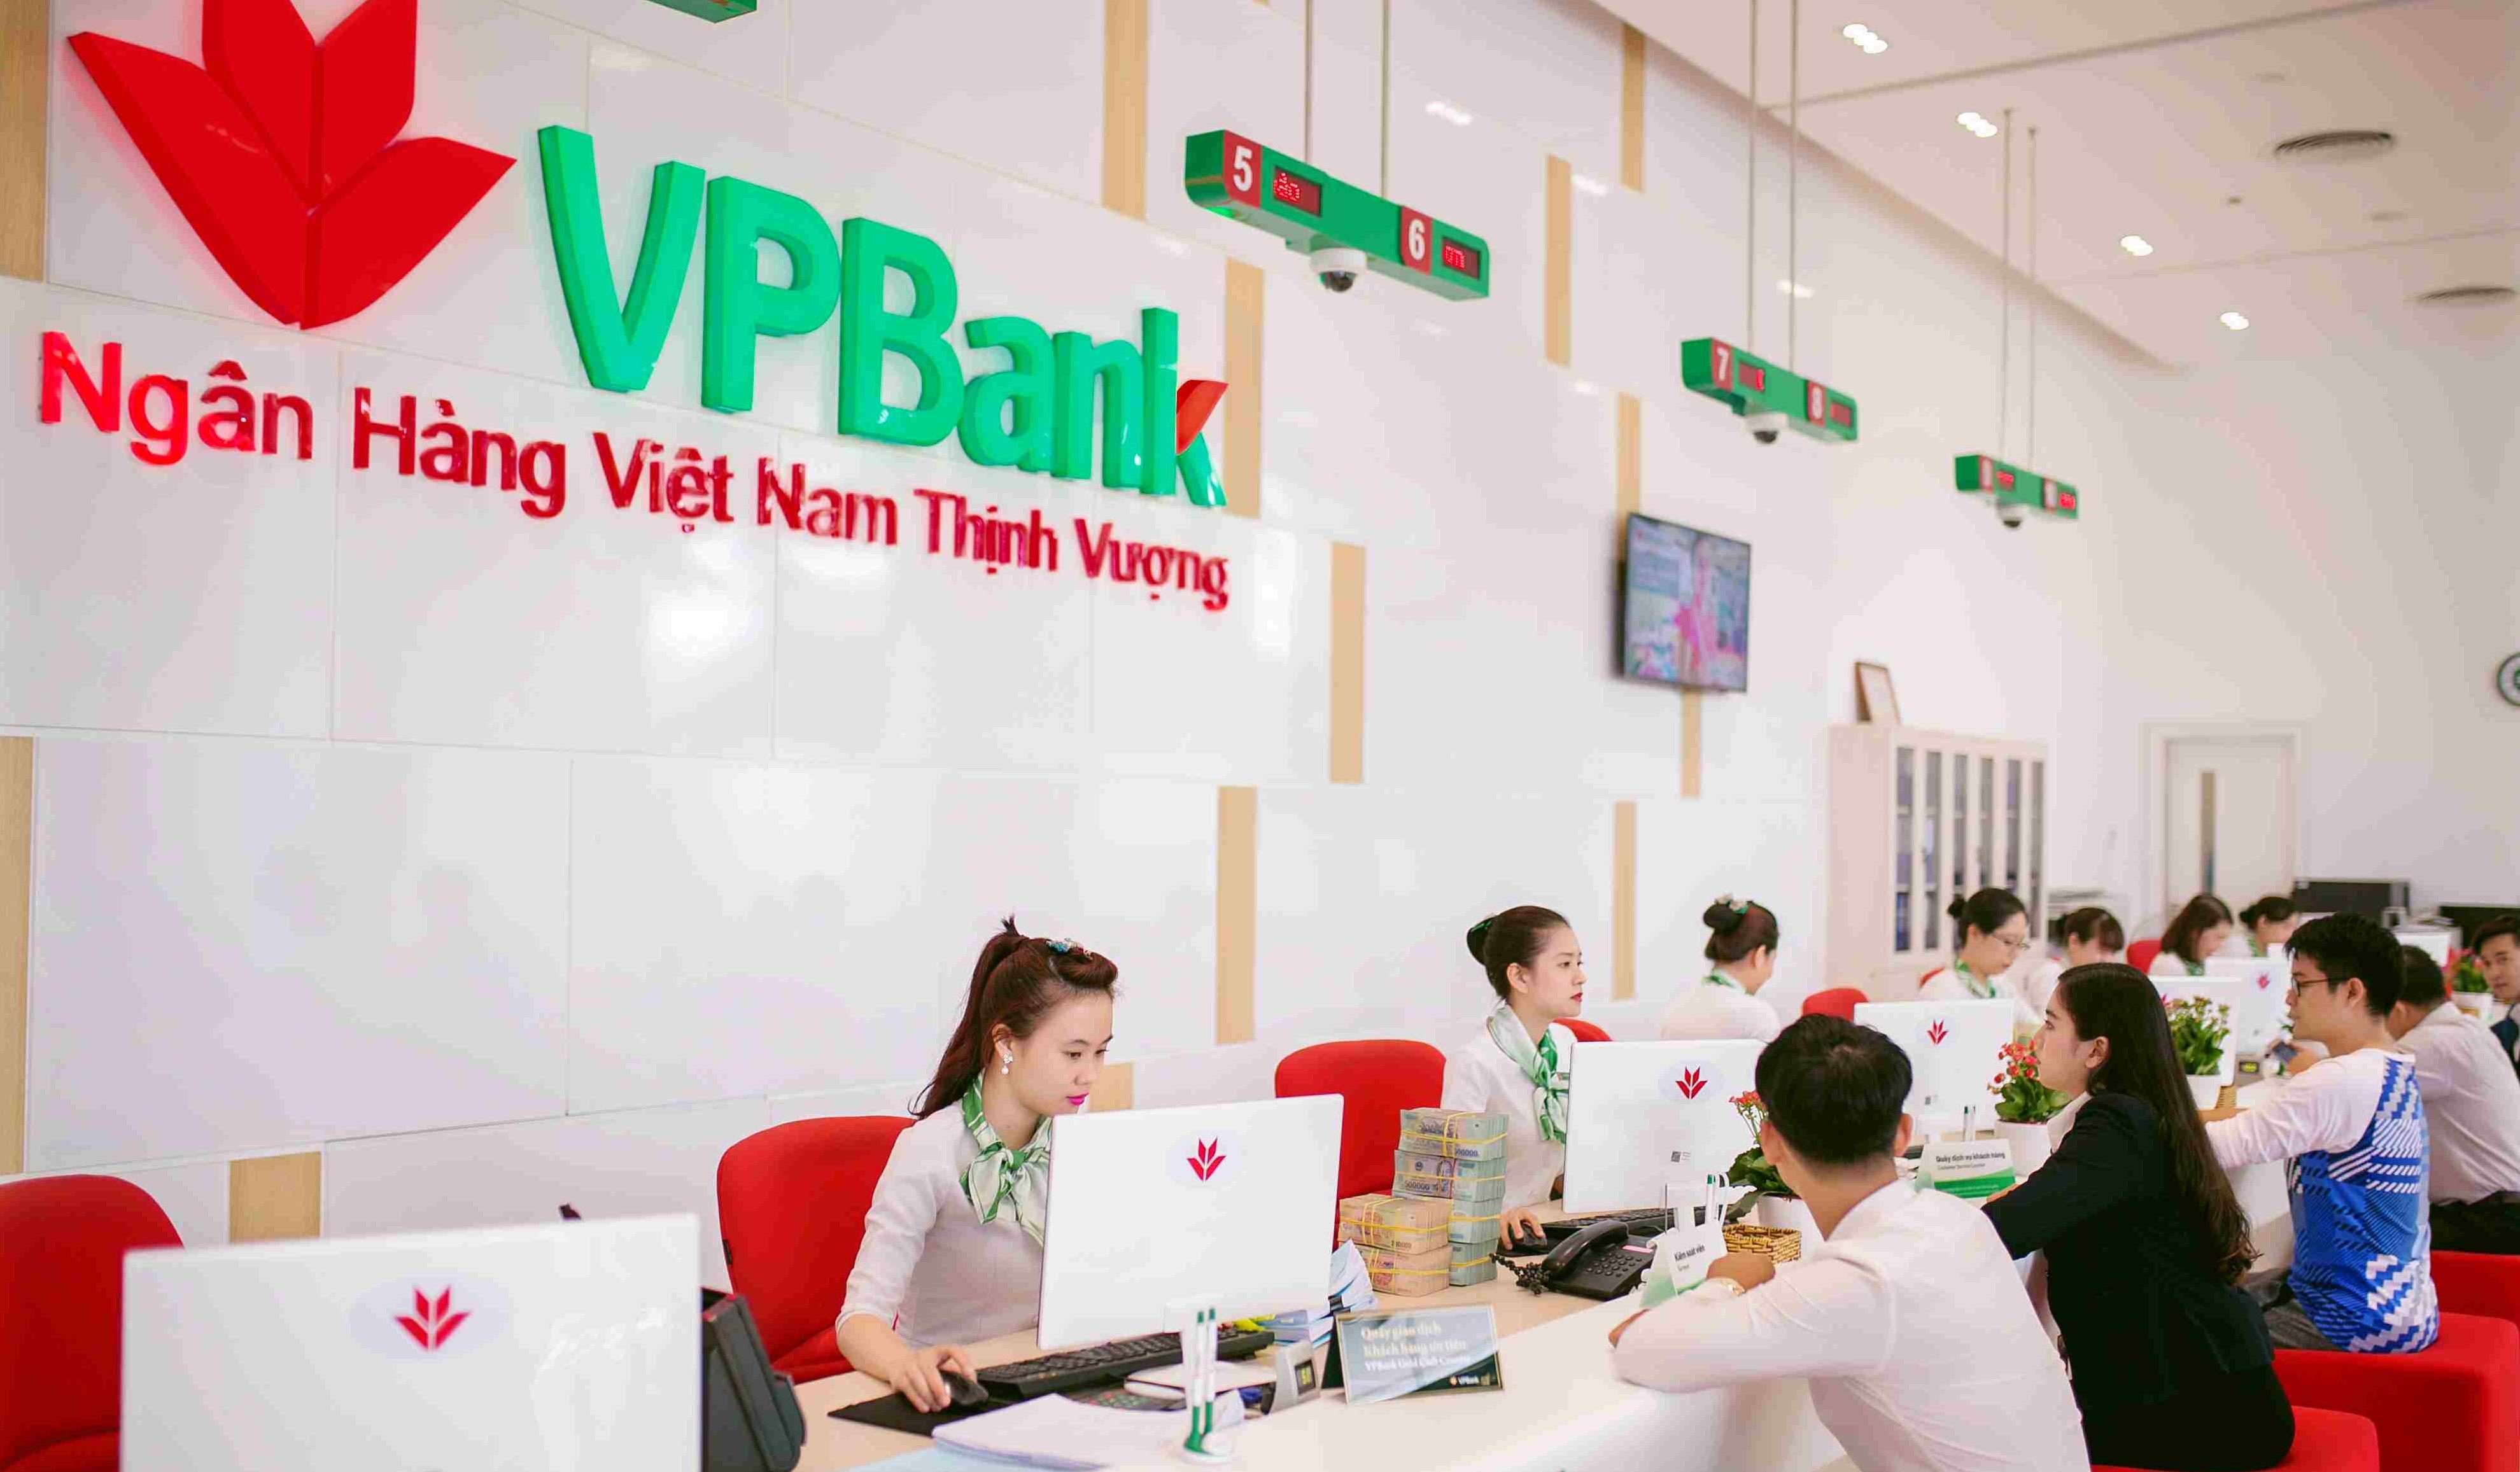 Moody's tiếp tục nâng hạng tín nhiệm năm thứ 2 liên tiếp dành cho VPBank